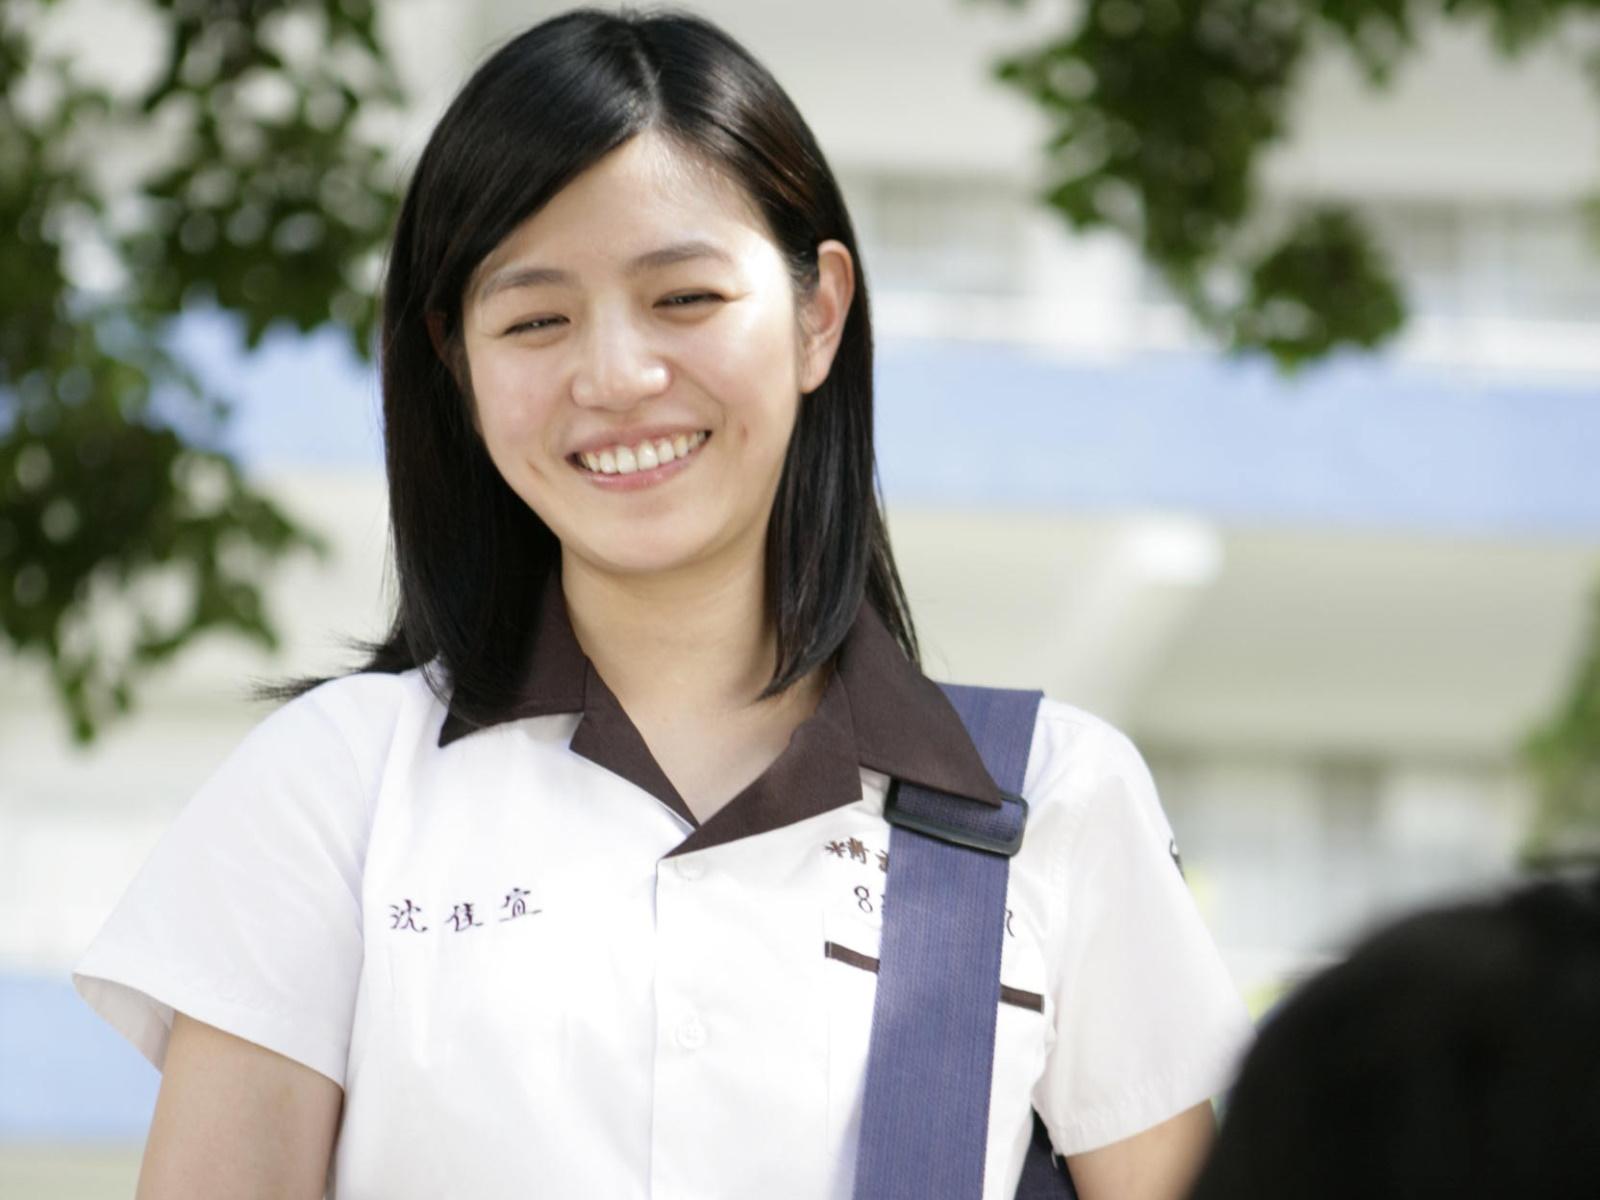 陈妍希(壁纸25)